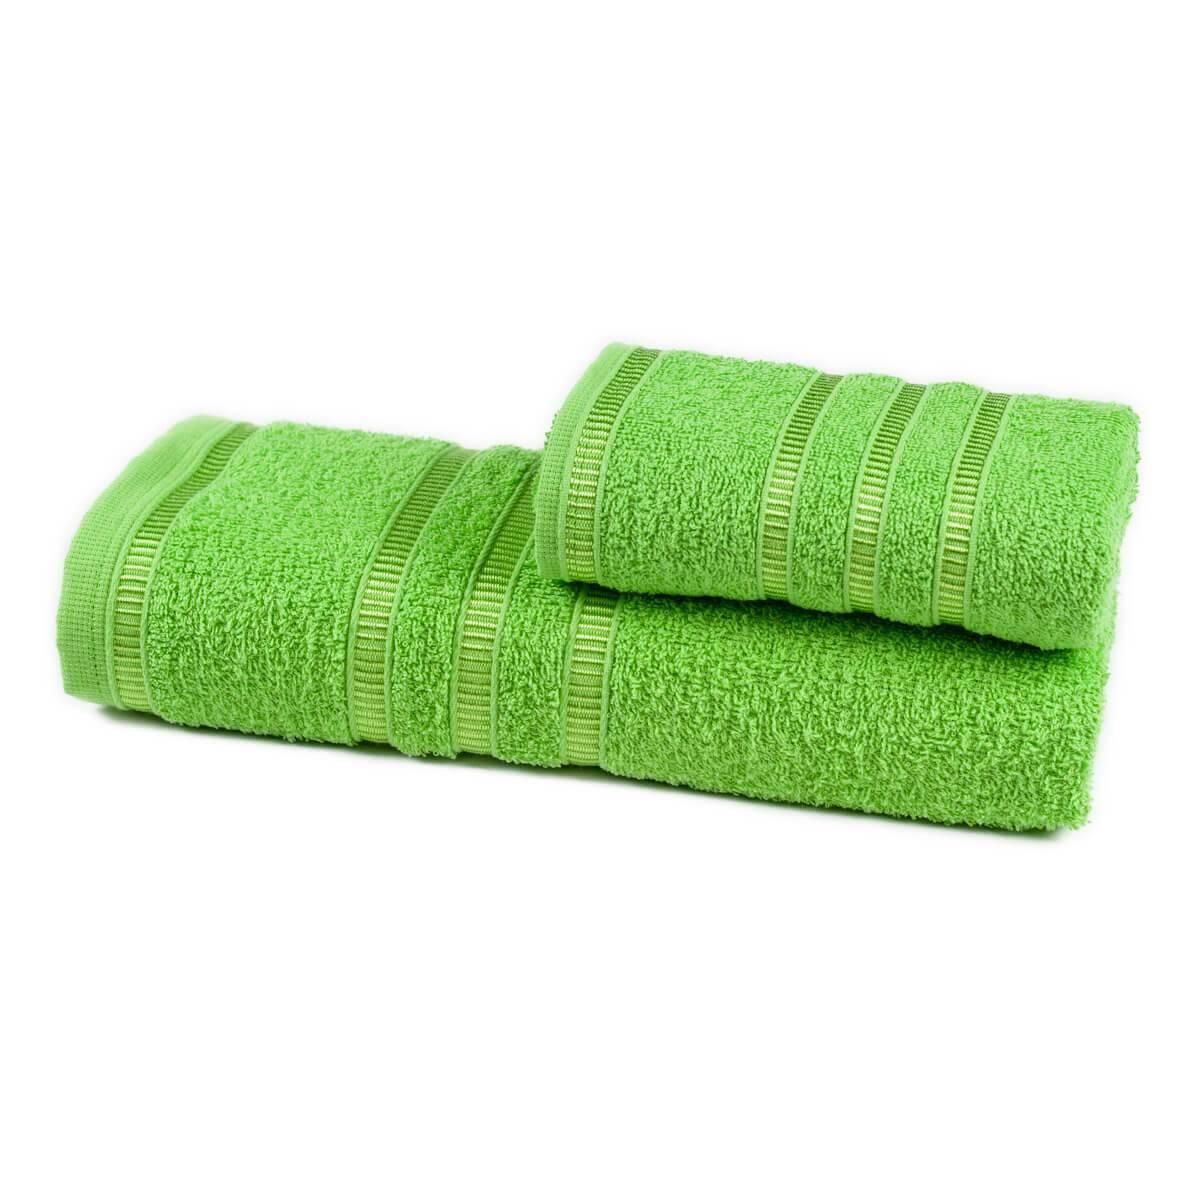 Jogo de Toalhas Banho Hanna 2 peças Verde Claro